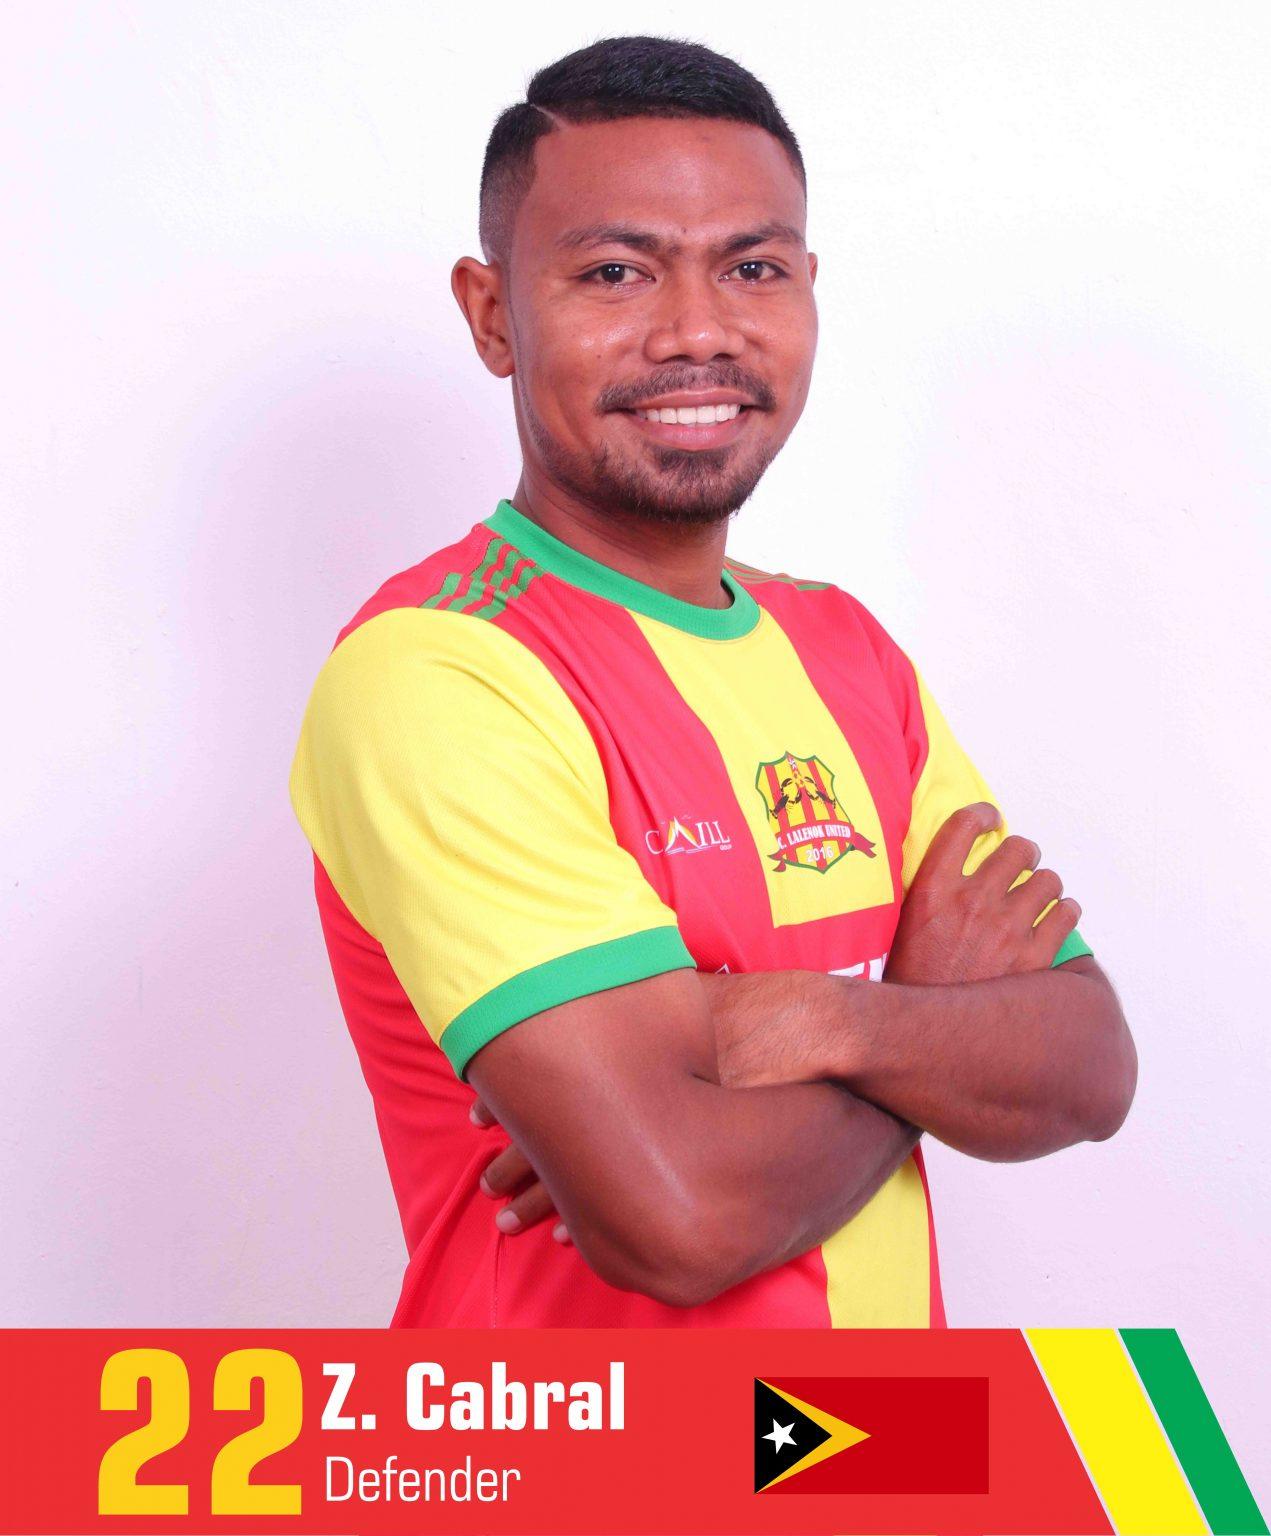 Zacarias Cabral